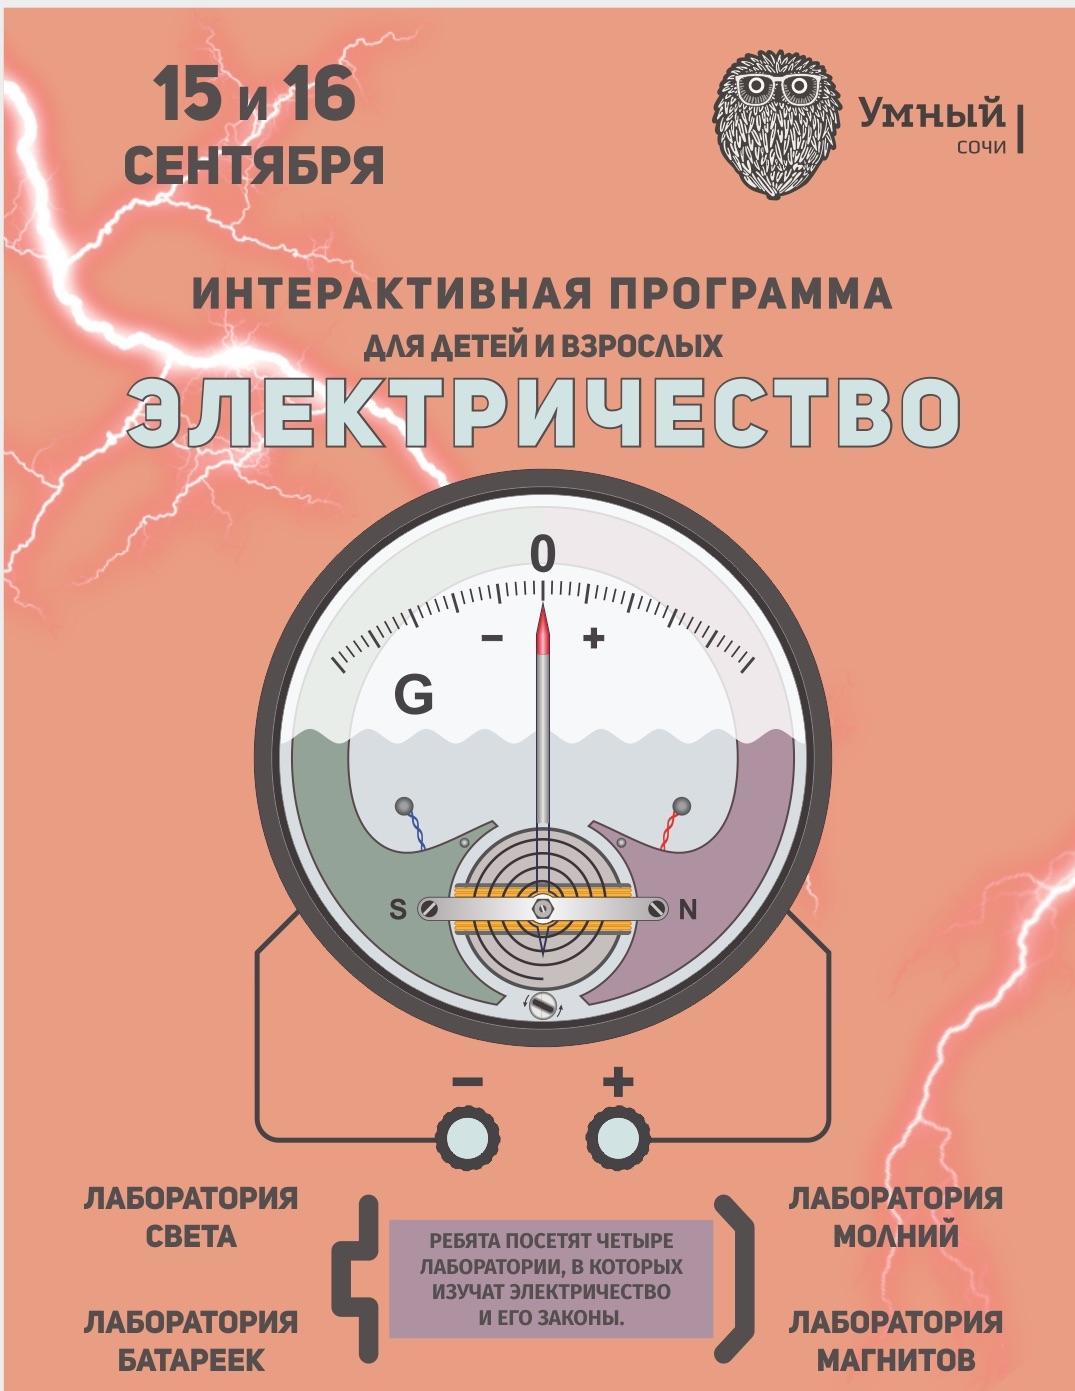 Афиша электричество (1) – с эффектами